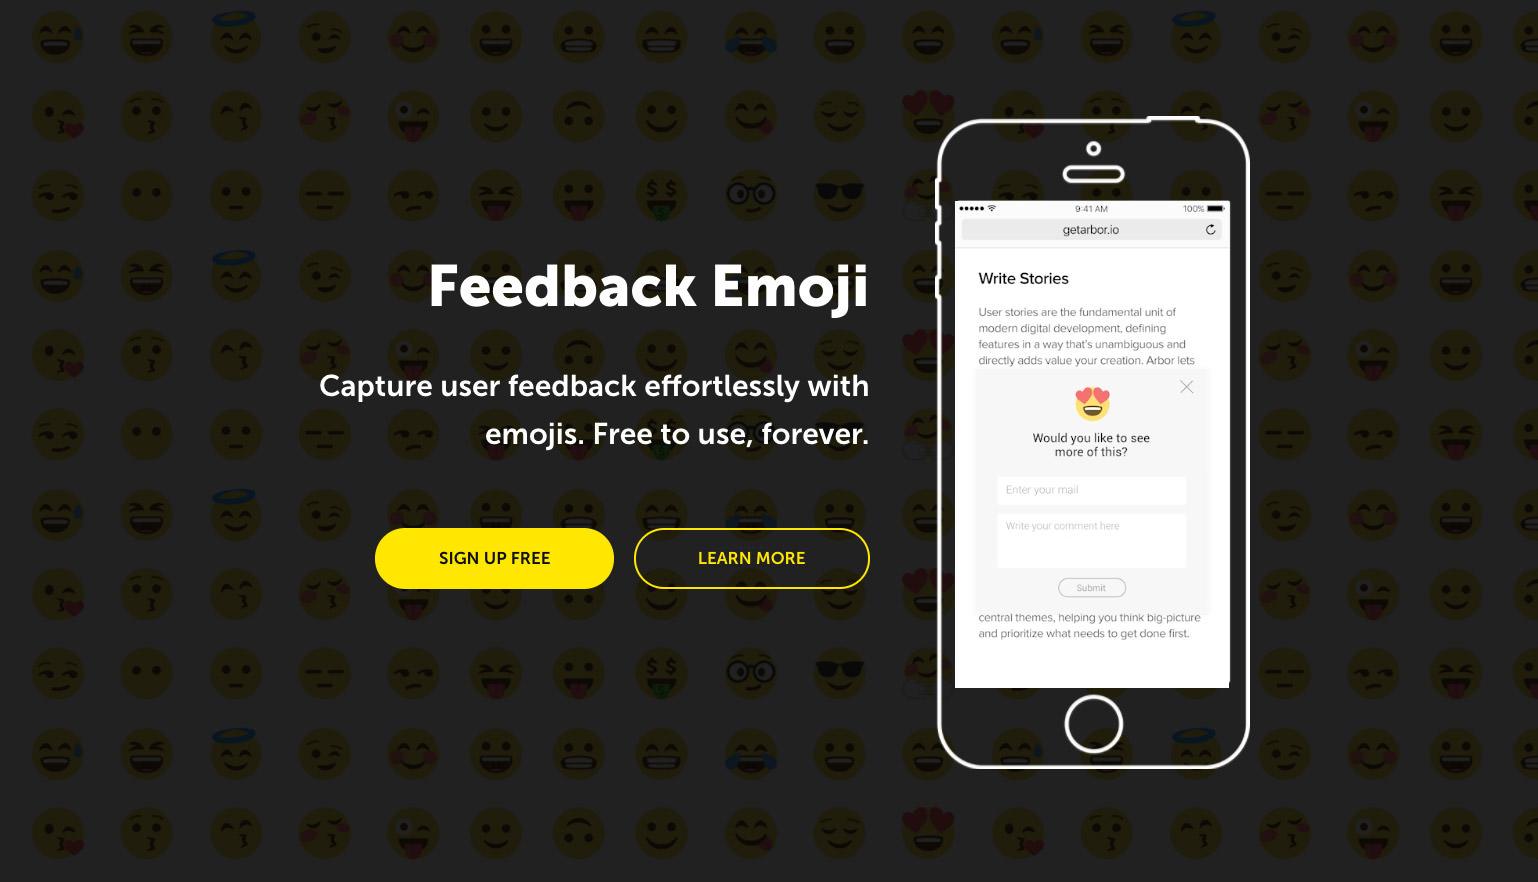 Feedback Emoji homepage